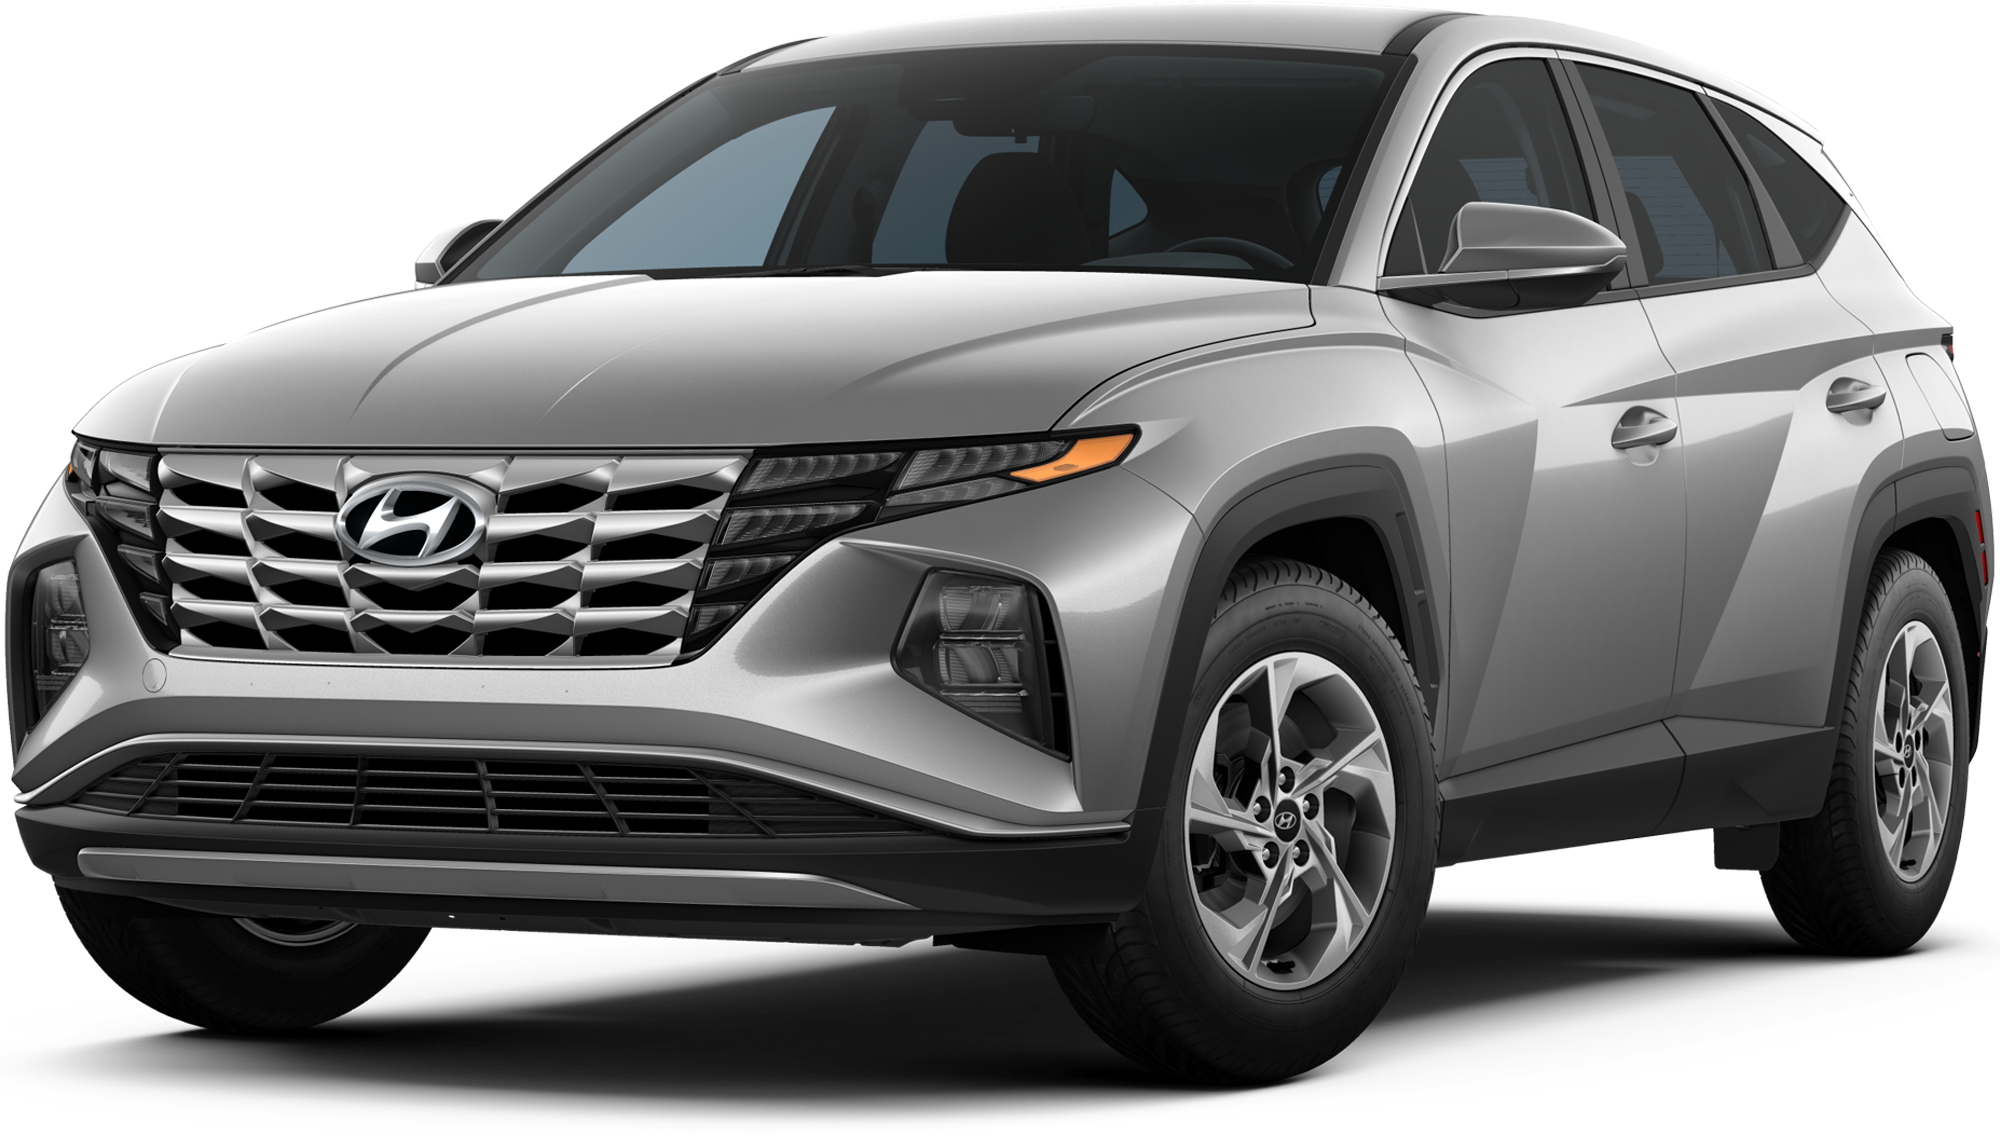 2022 Hyundai Tucson SUV SE